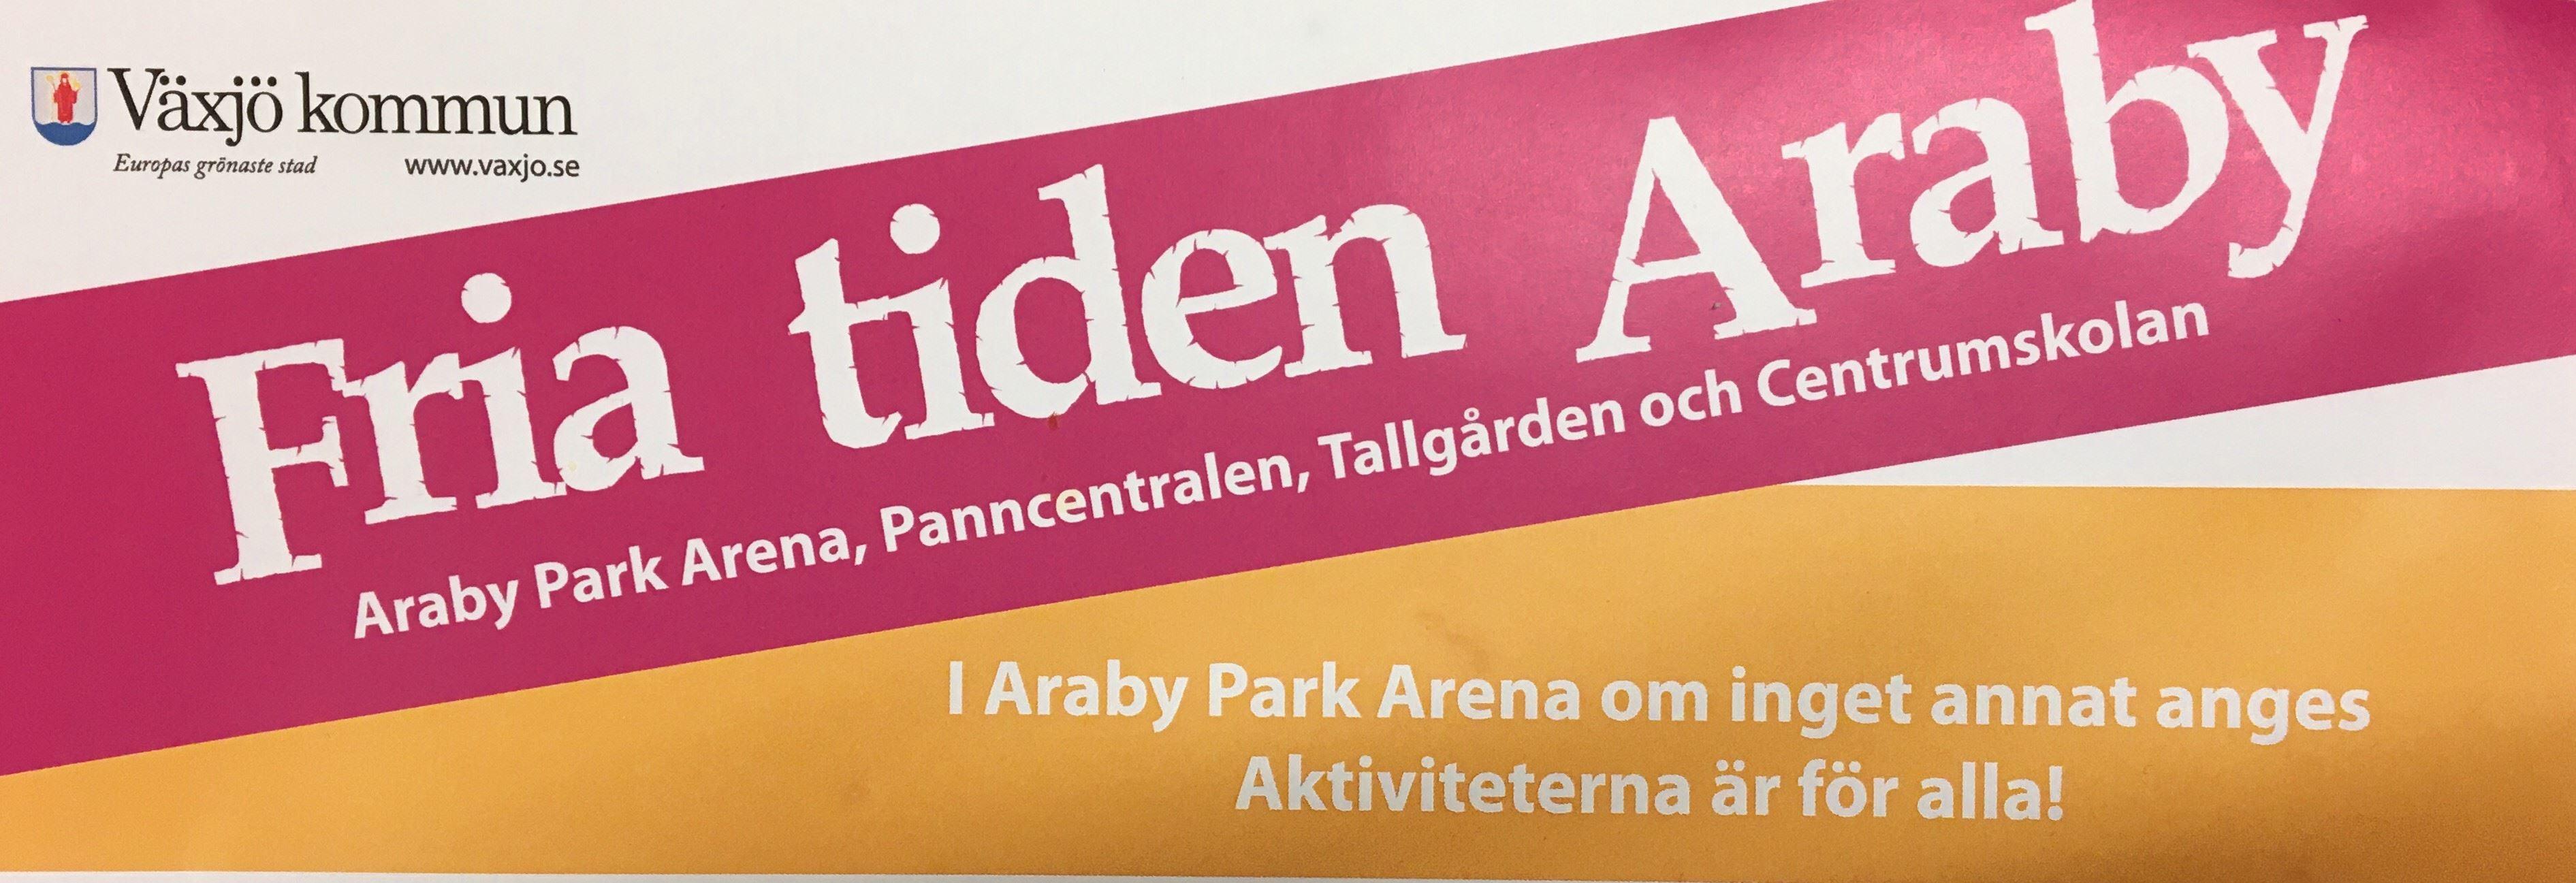 Fria Tiden Araby: Lördag